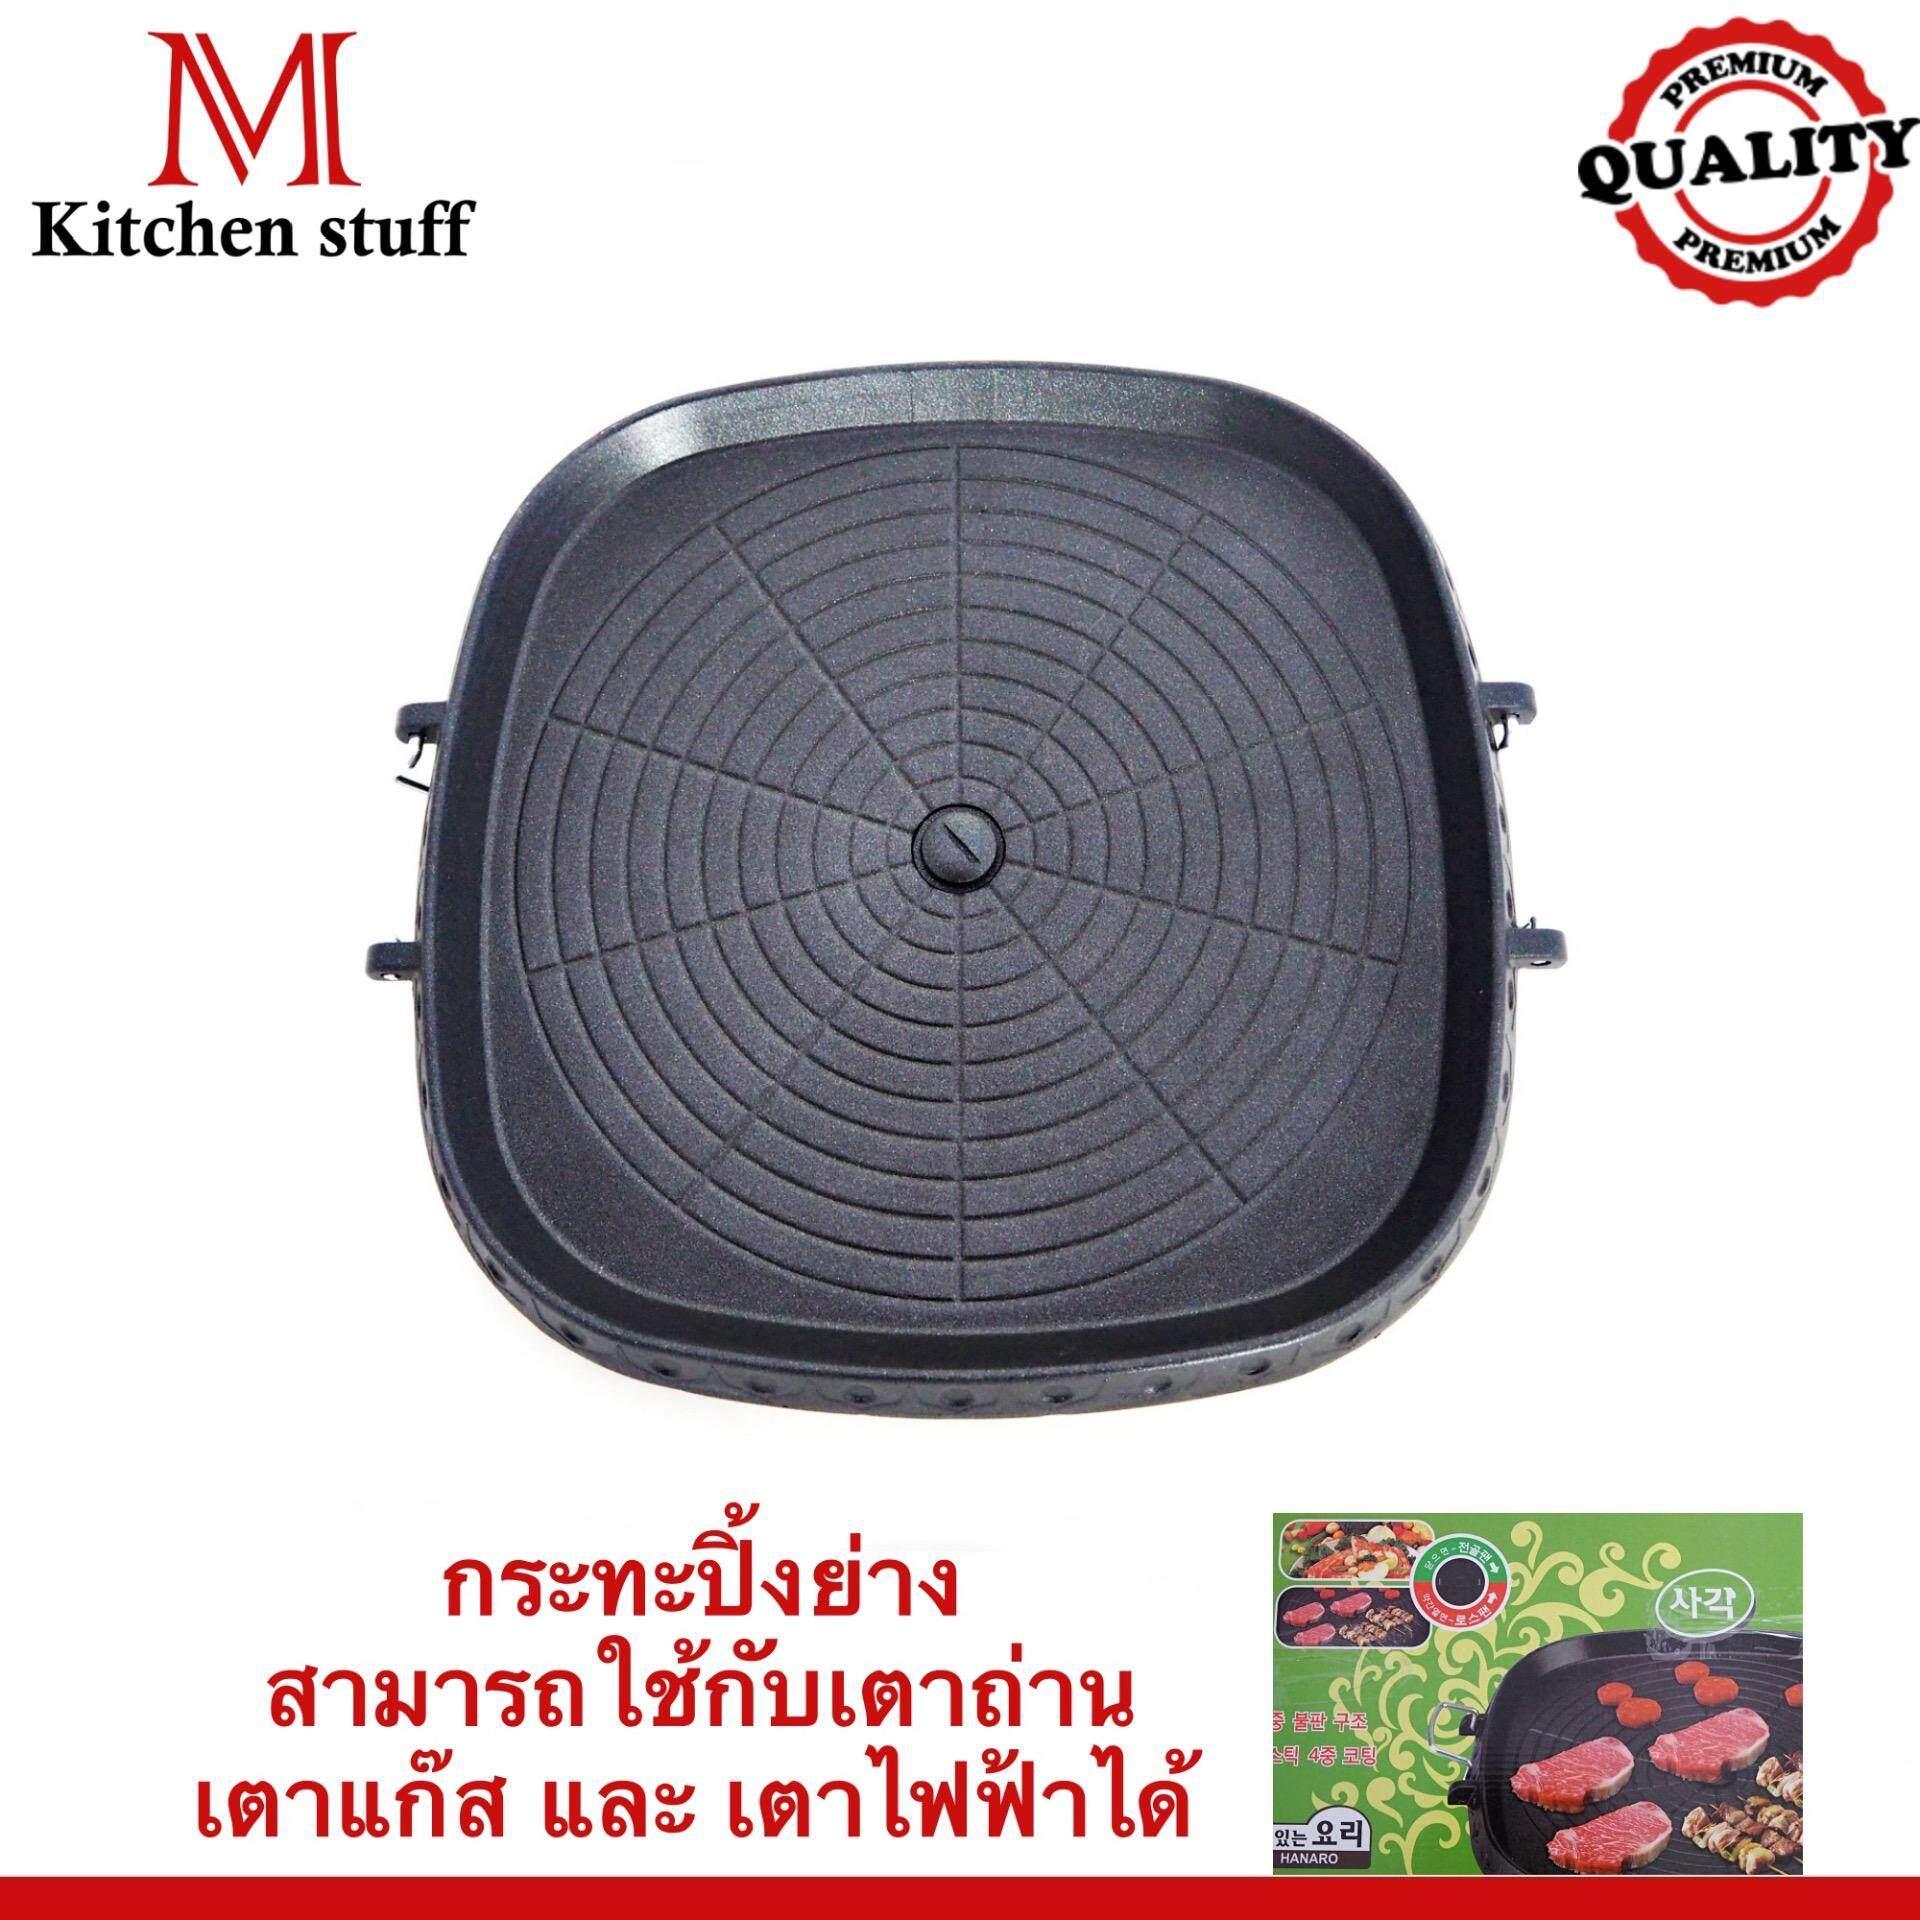 ขาย กระทะปิ้งย่างเกาหลี Multi Square Roaster 32Cm ราคาถูกที่สุด